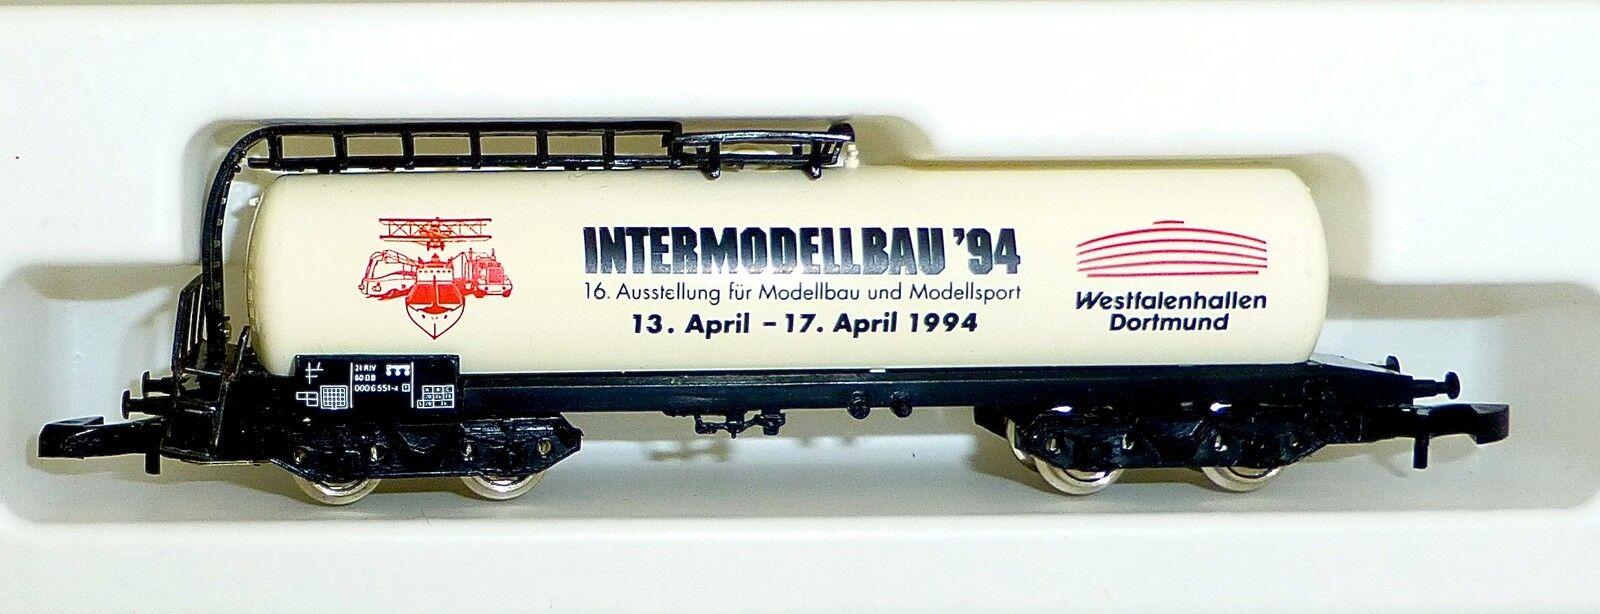 Intermodellbau 1994 Caldaia Carrello partire 94702   8626 Traccia Z 1/220 * 1046 * å